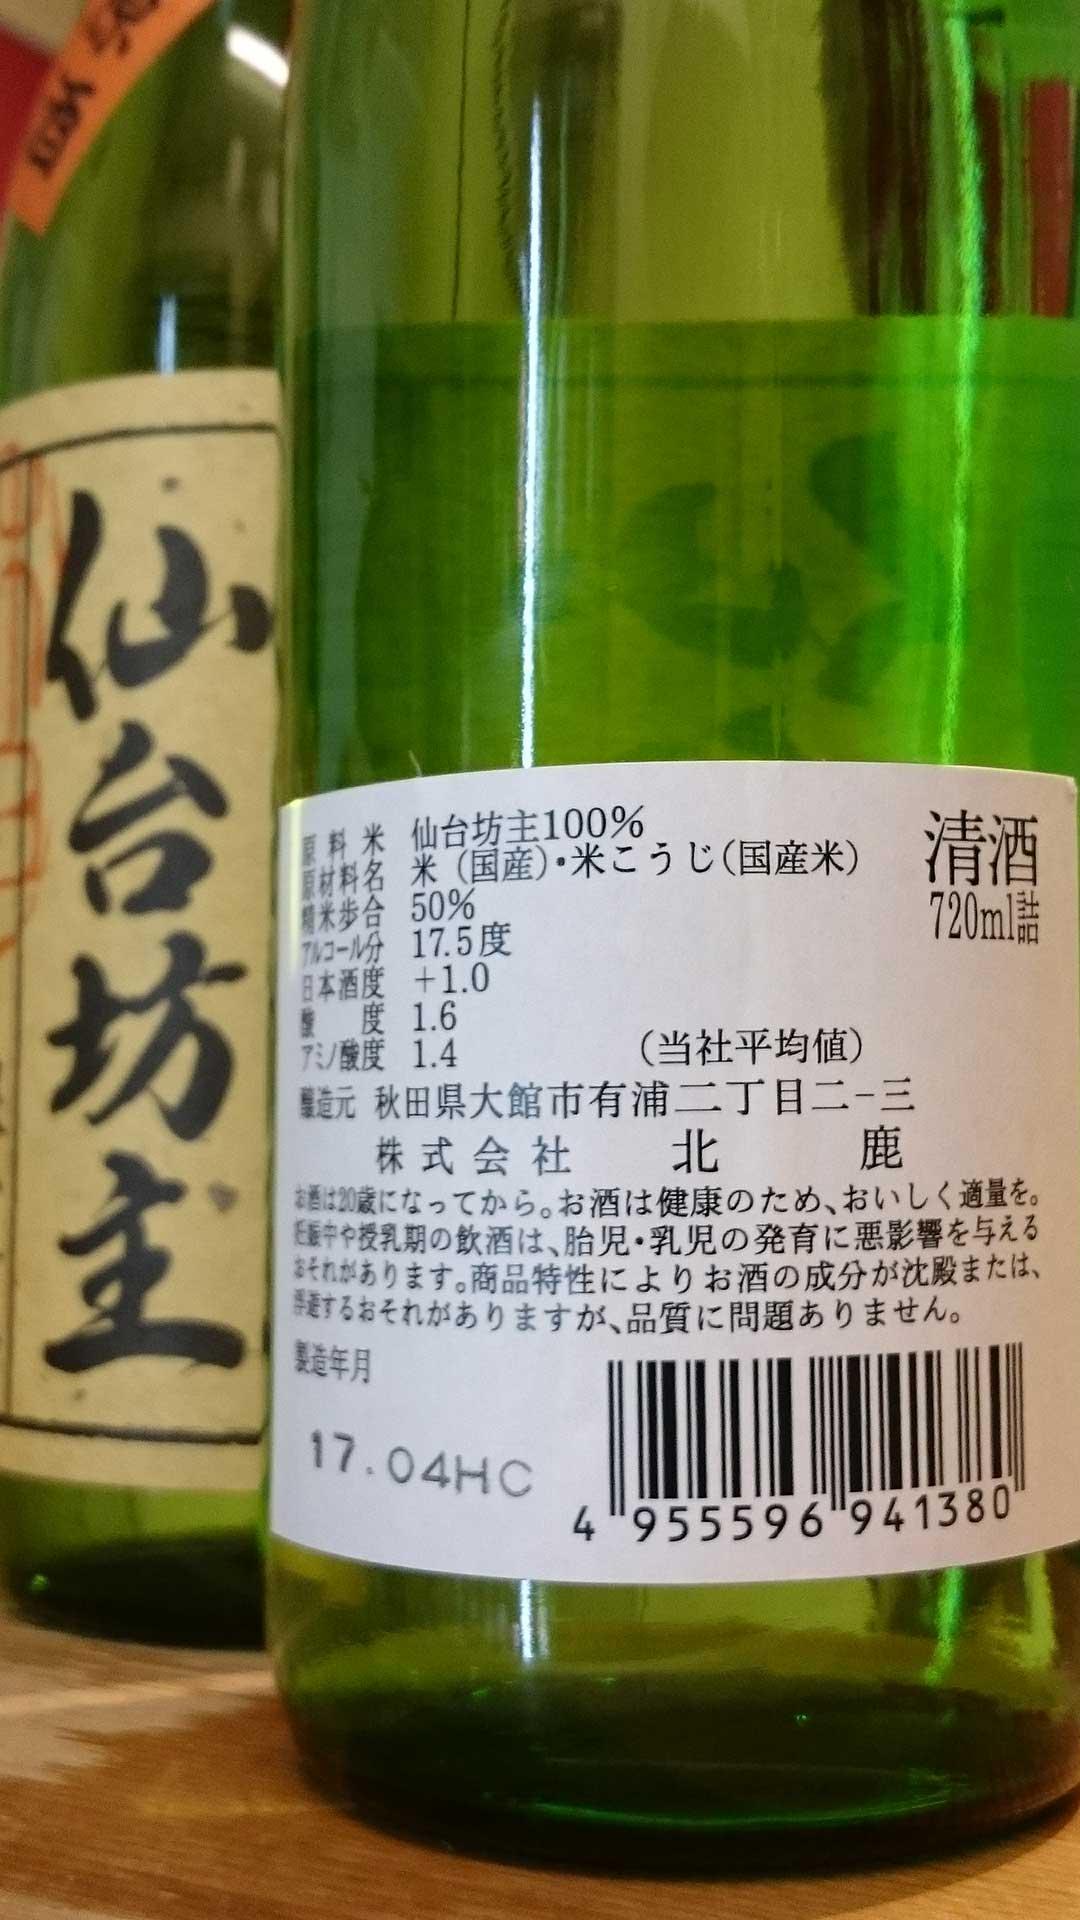 北鹿 仙台坊主 純米吟醸原酒